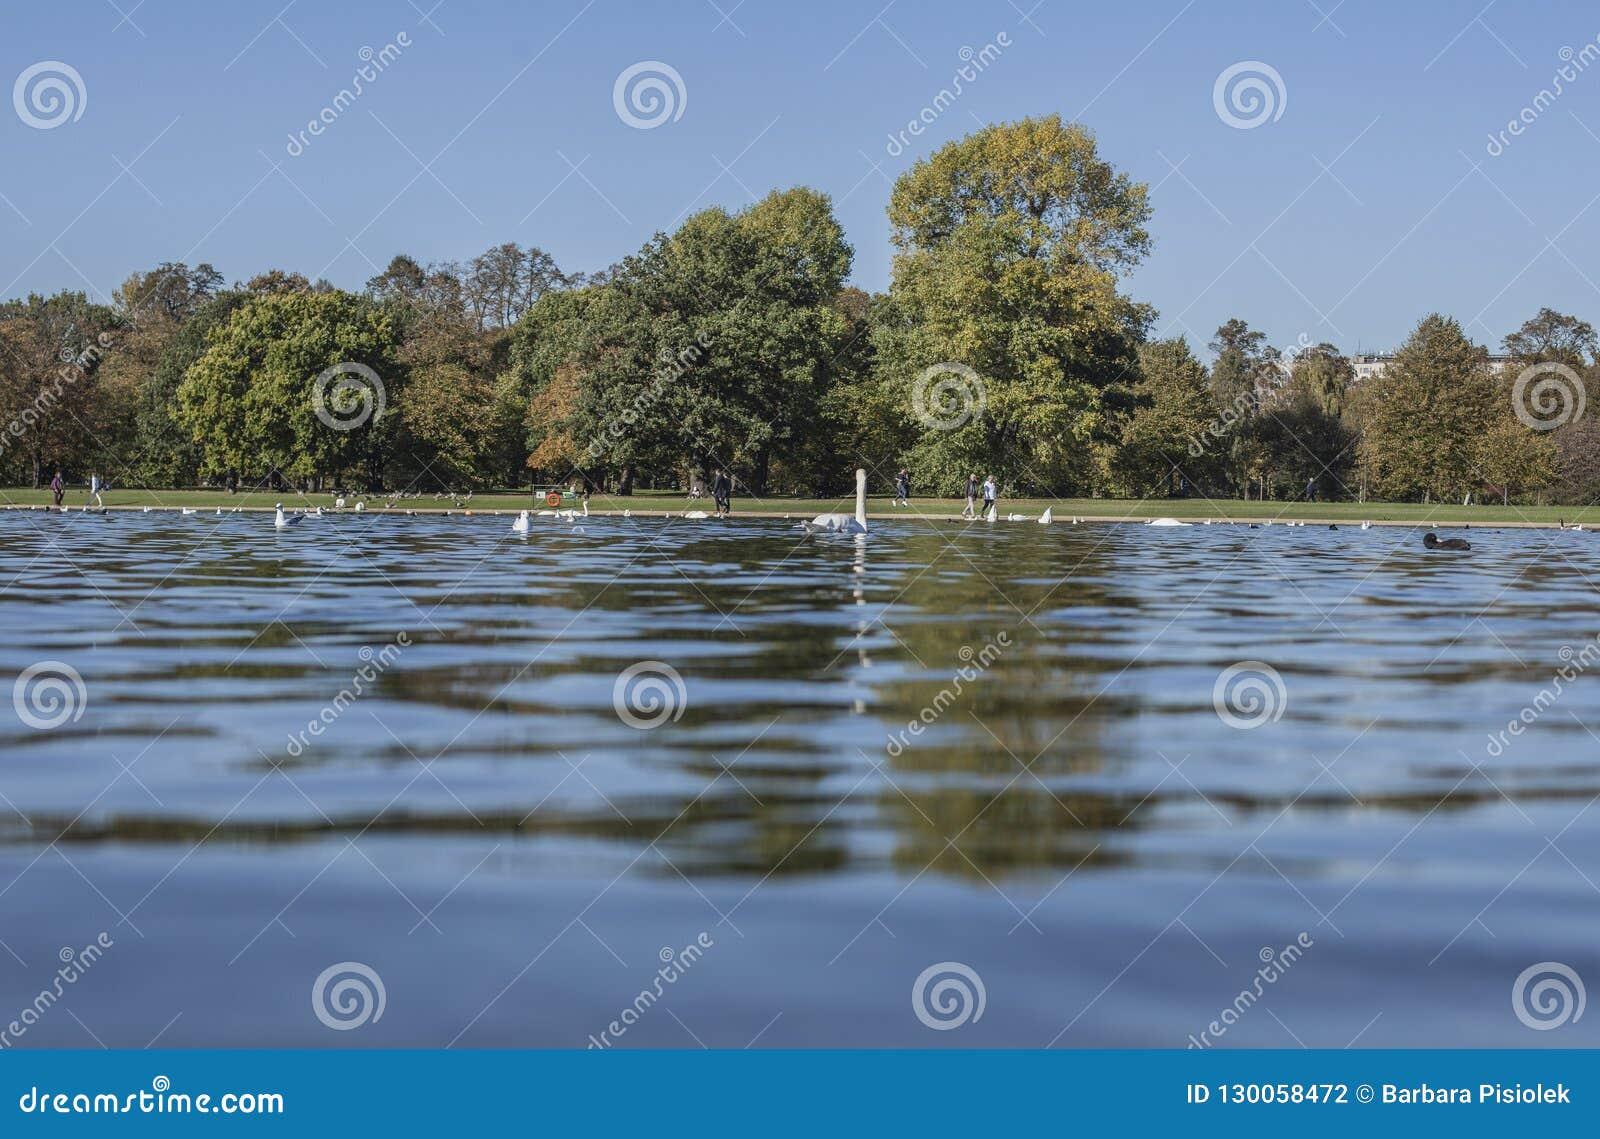 Sonniger Herbst in Hyde Park - blaues Wasser von einem Teich, von Bäumen und von Vögeln